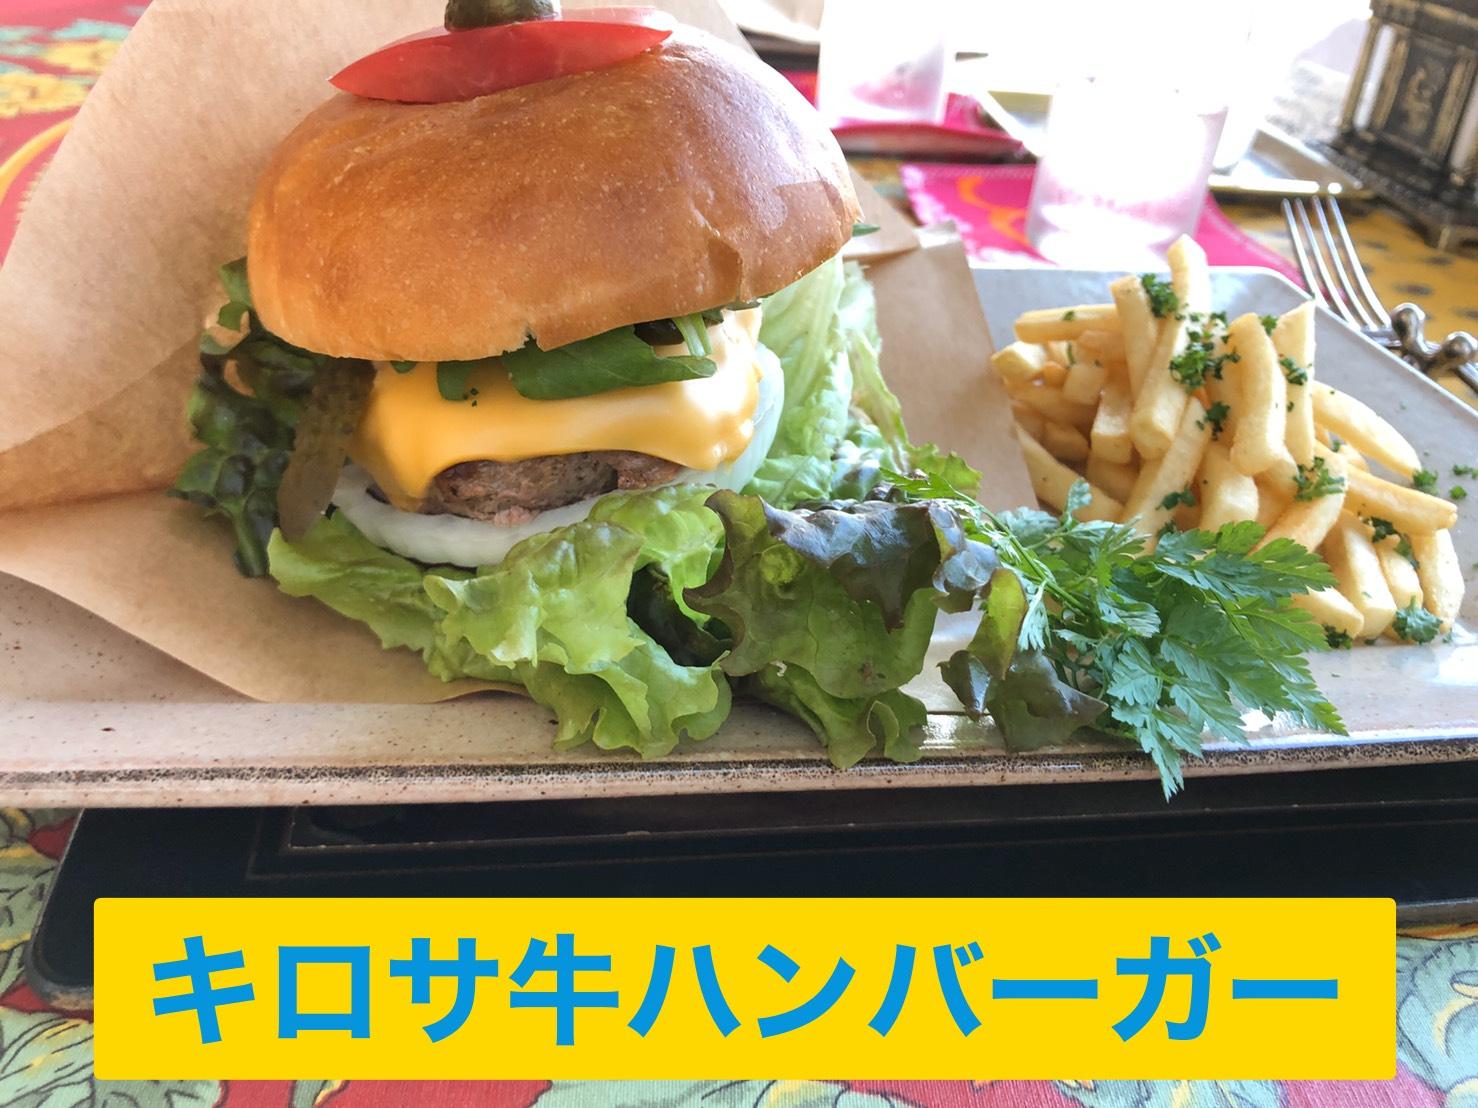 ラリーズカンパニー:キサロ牛ハンバーガー